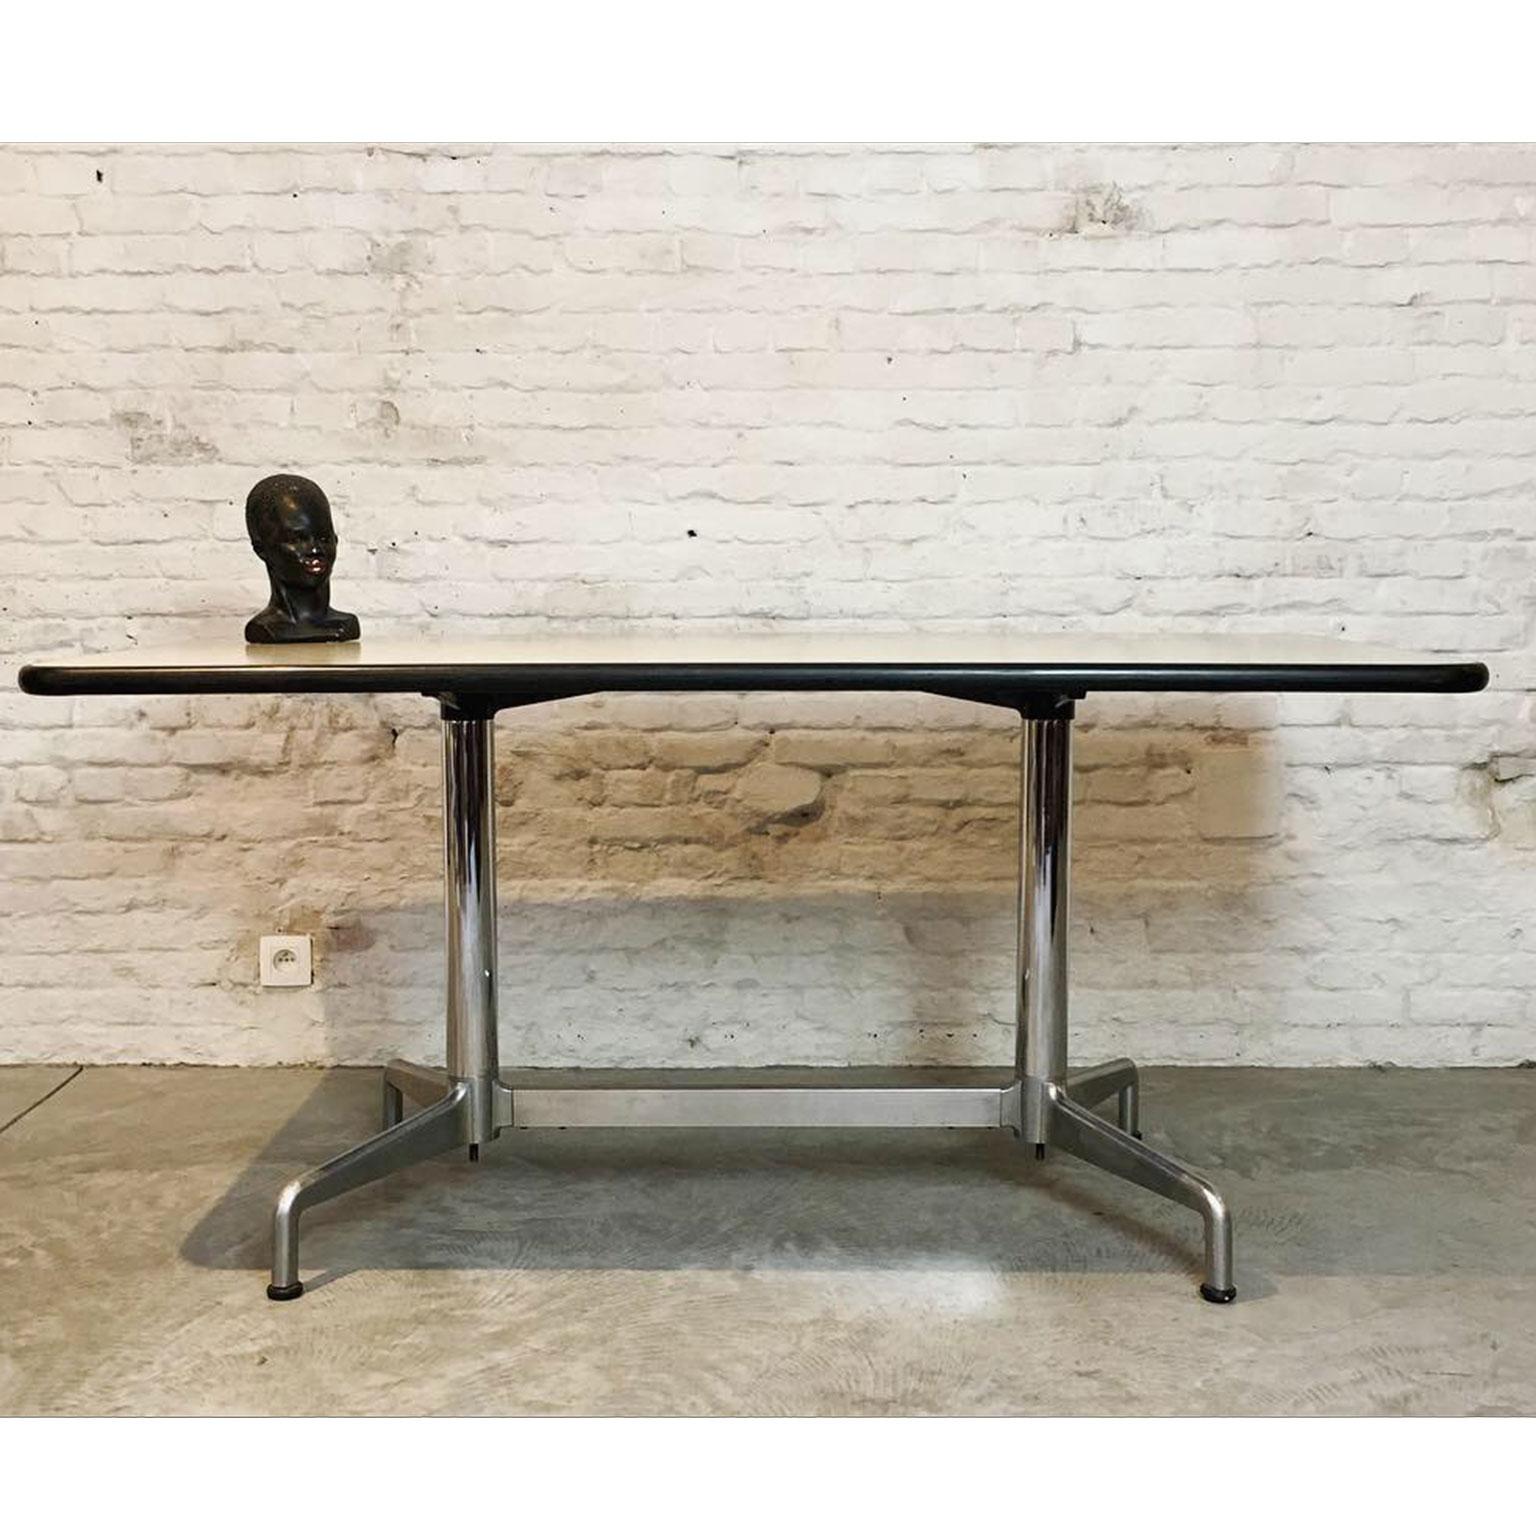 Die-Firma-vintage-shop-Antwerp-vintage-Castelli-SBC-tafel